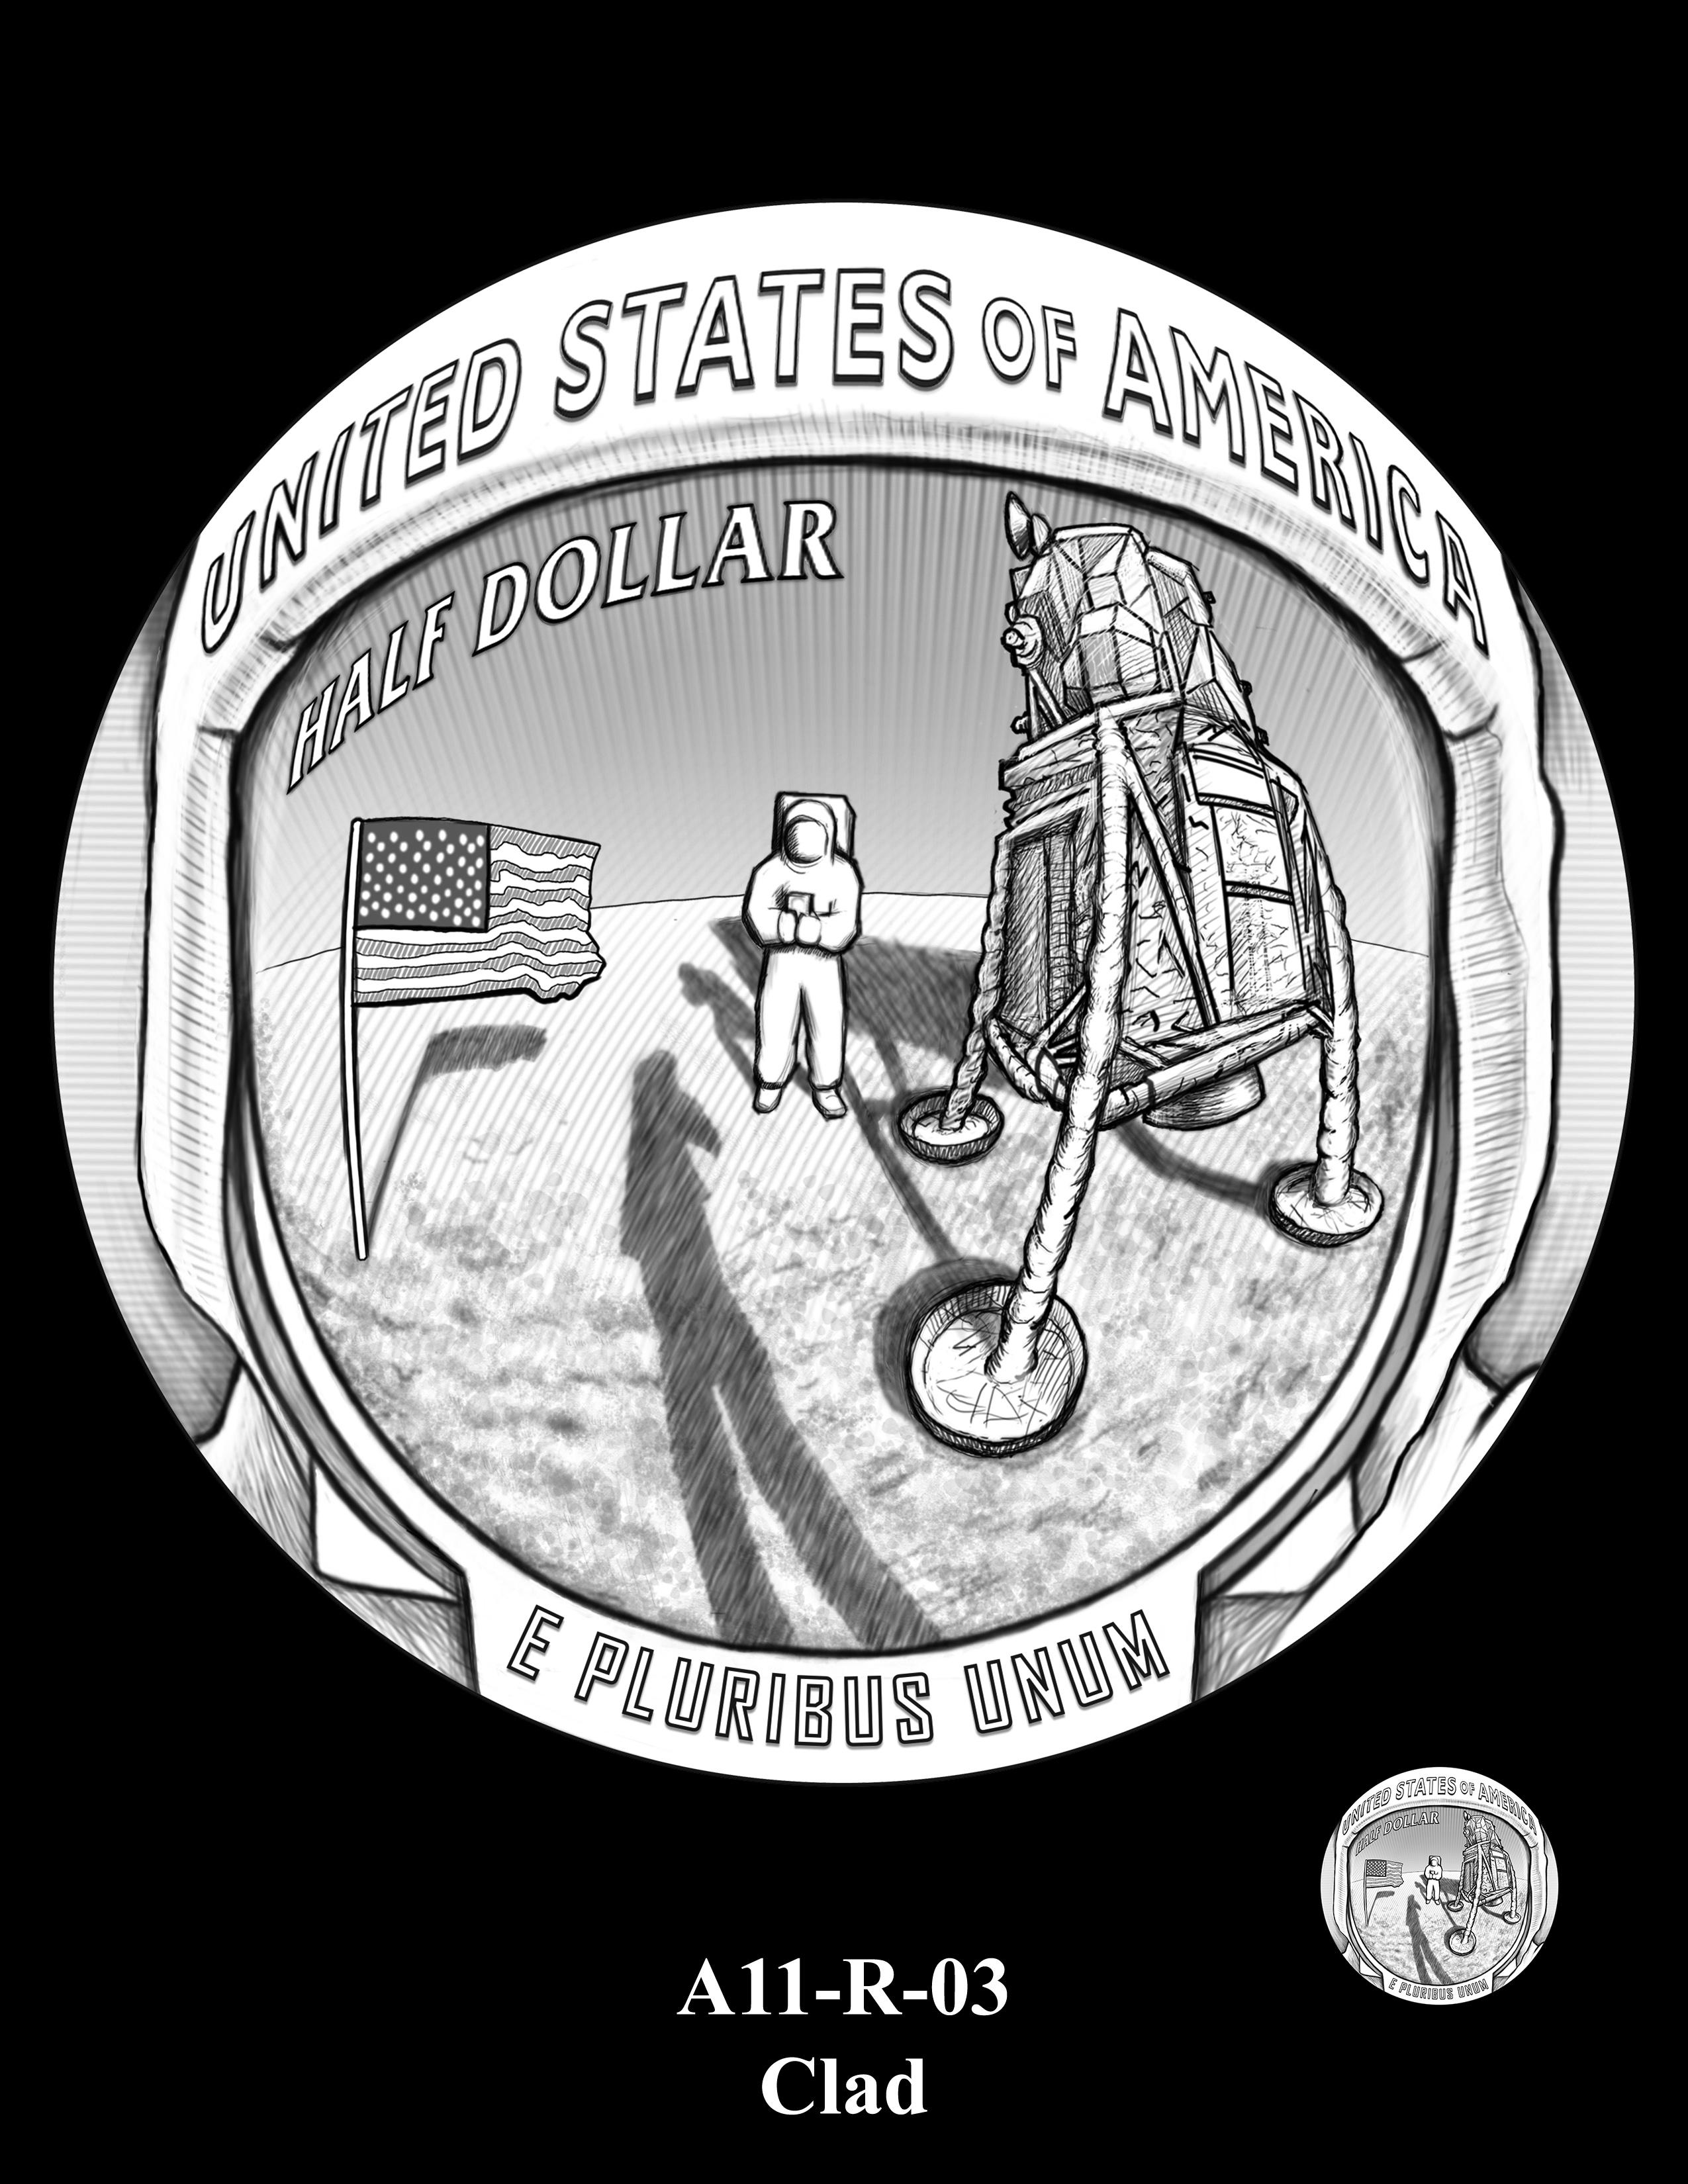 A11-R-03-CLAD -- 2019-Apollo 11 50th Anniversary Commemorative Coin